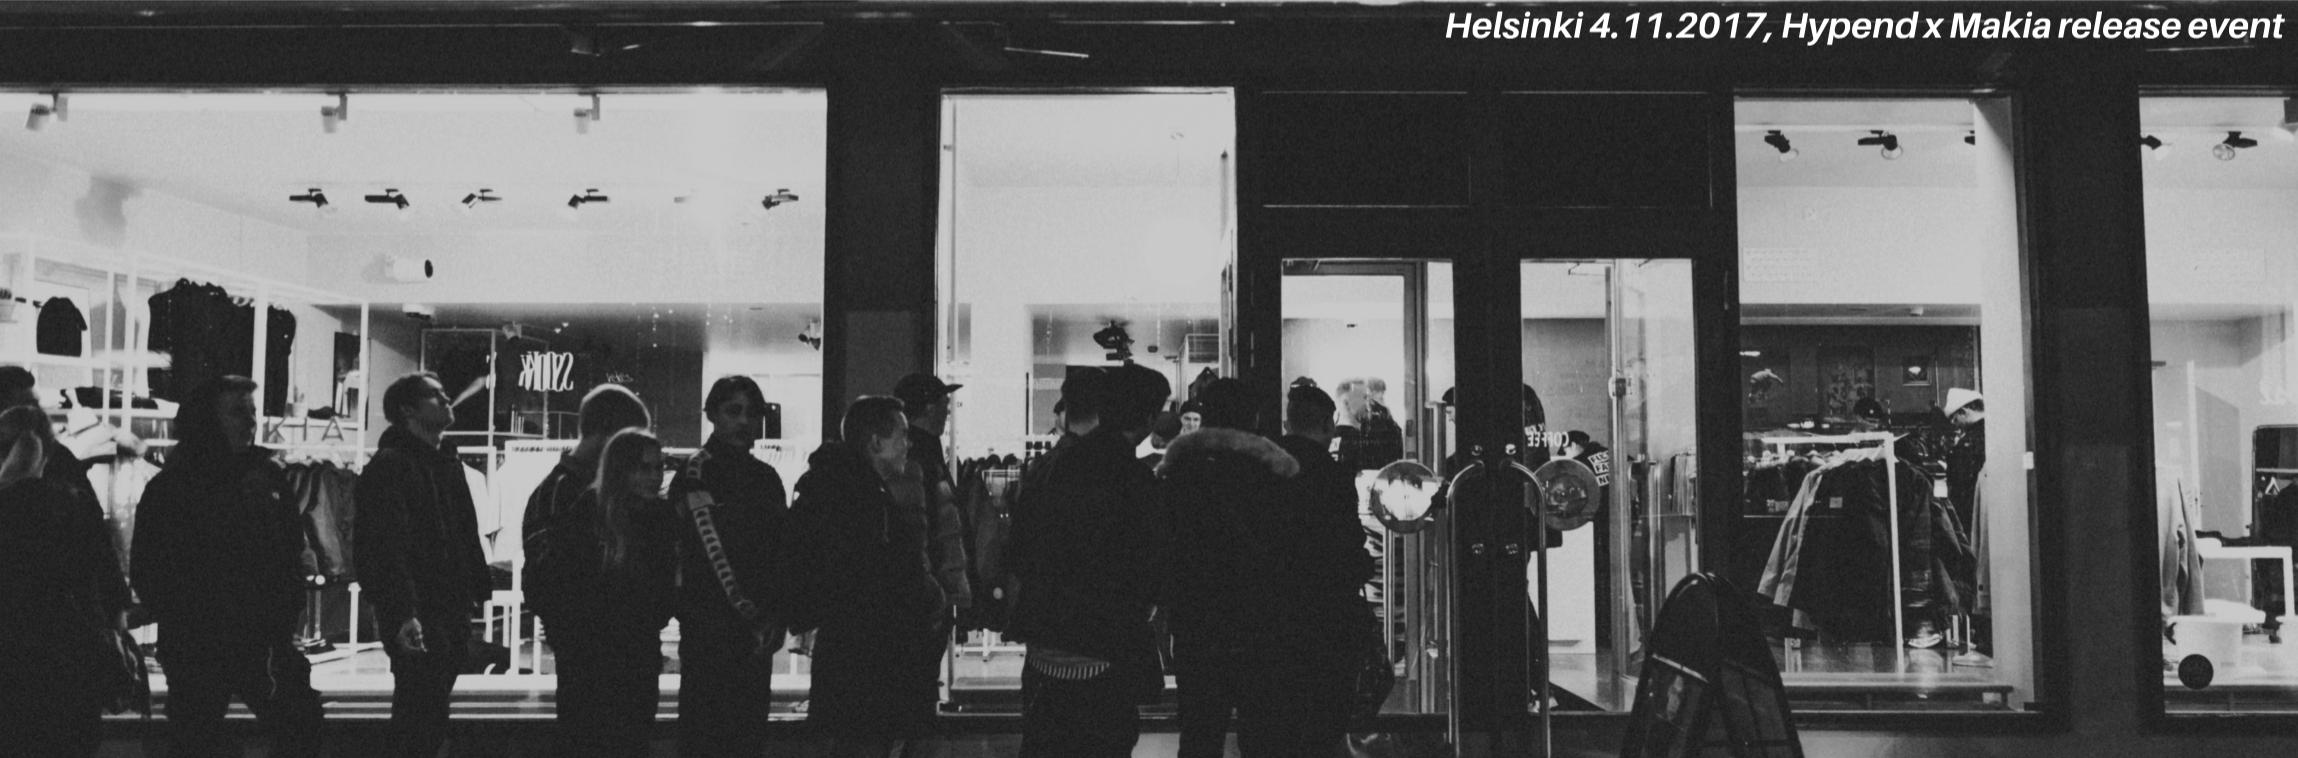 Hypend x Makia Seiska Seitsemän Päivää tpaita Release event in Helsinki Makia Clothing Store